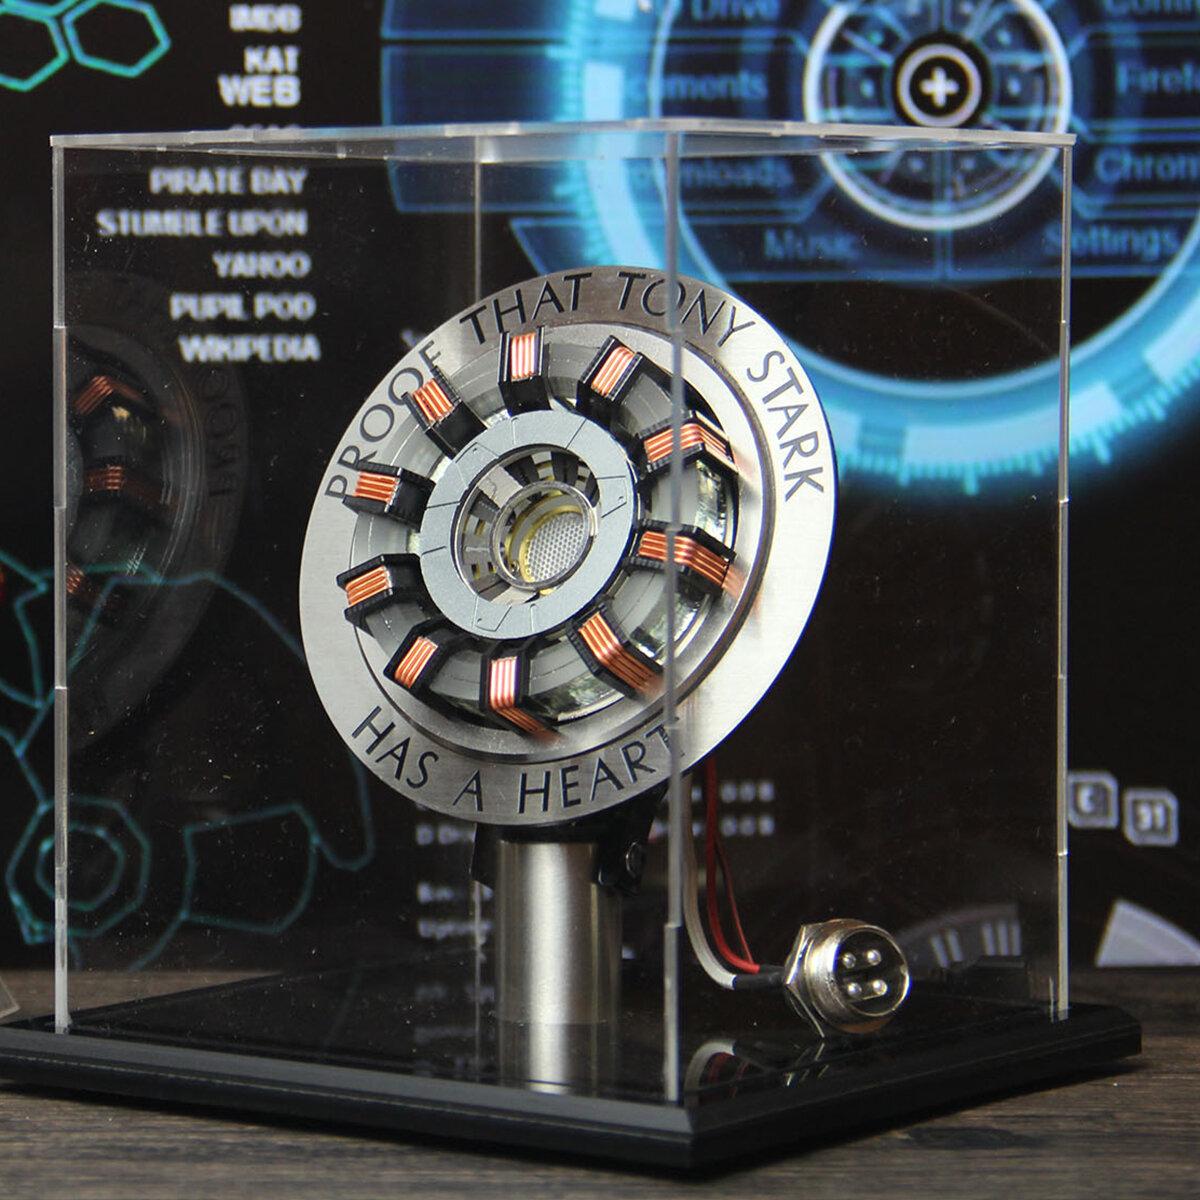 In Stock 1:1 Arc Reactor DIY Model MK2 Led Light Mark Chest Tony Heart Lamp Light DIY Model Science Toy